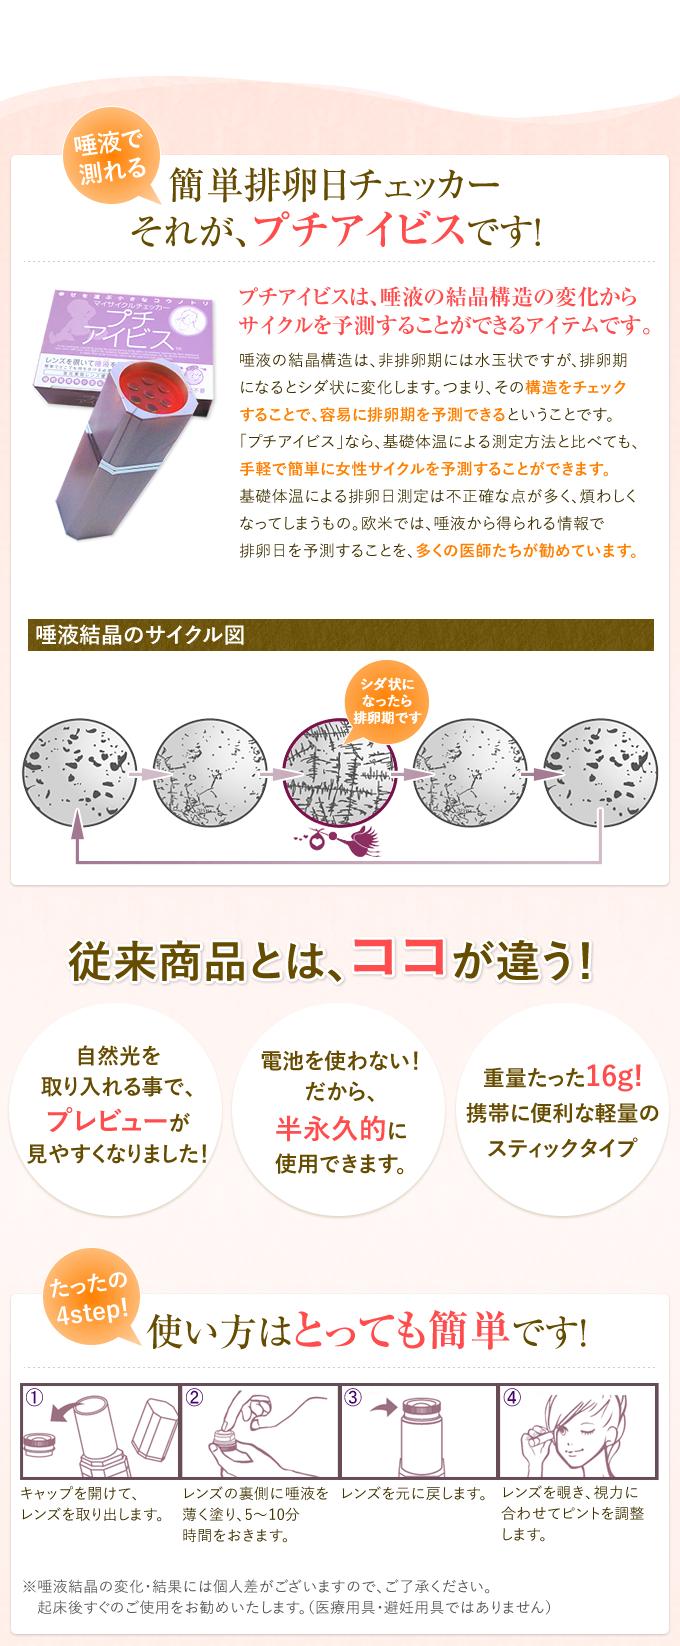 薬 コウノトリ 排卵 検査